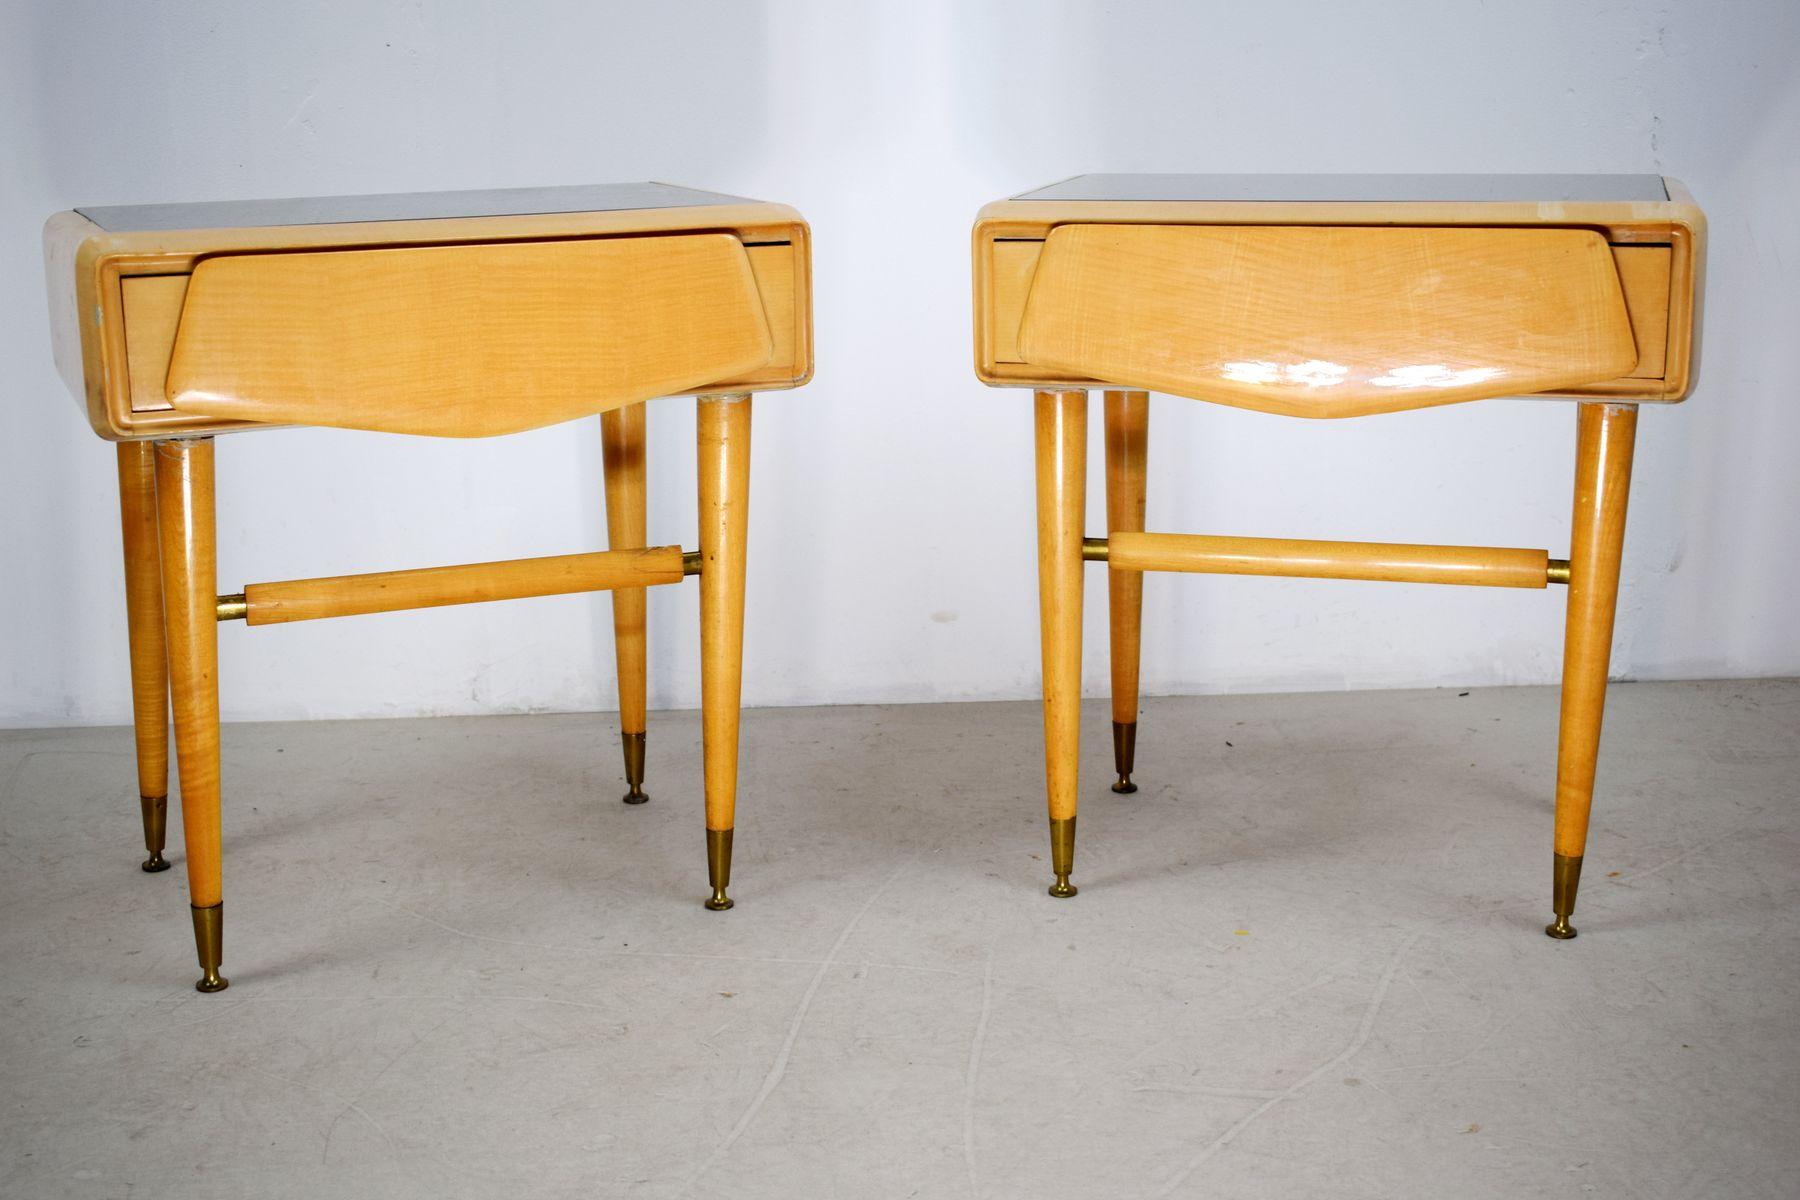 Mobili Anni 50 : Comodini in acero di la permanente mobili cantù anni set di